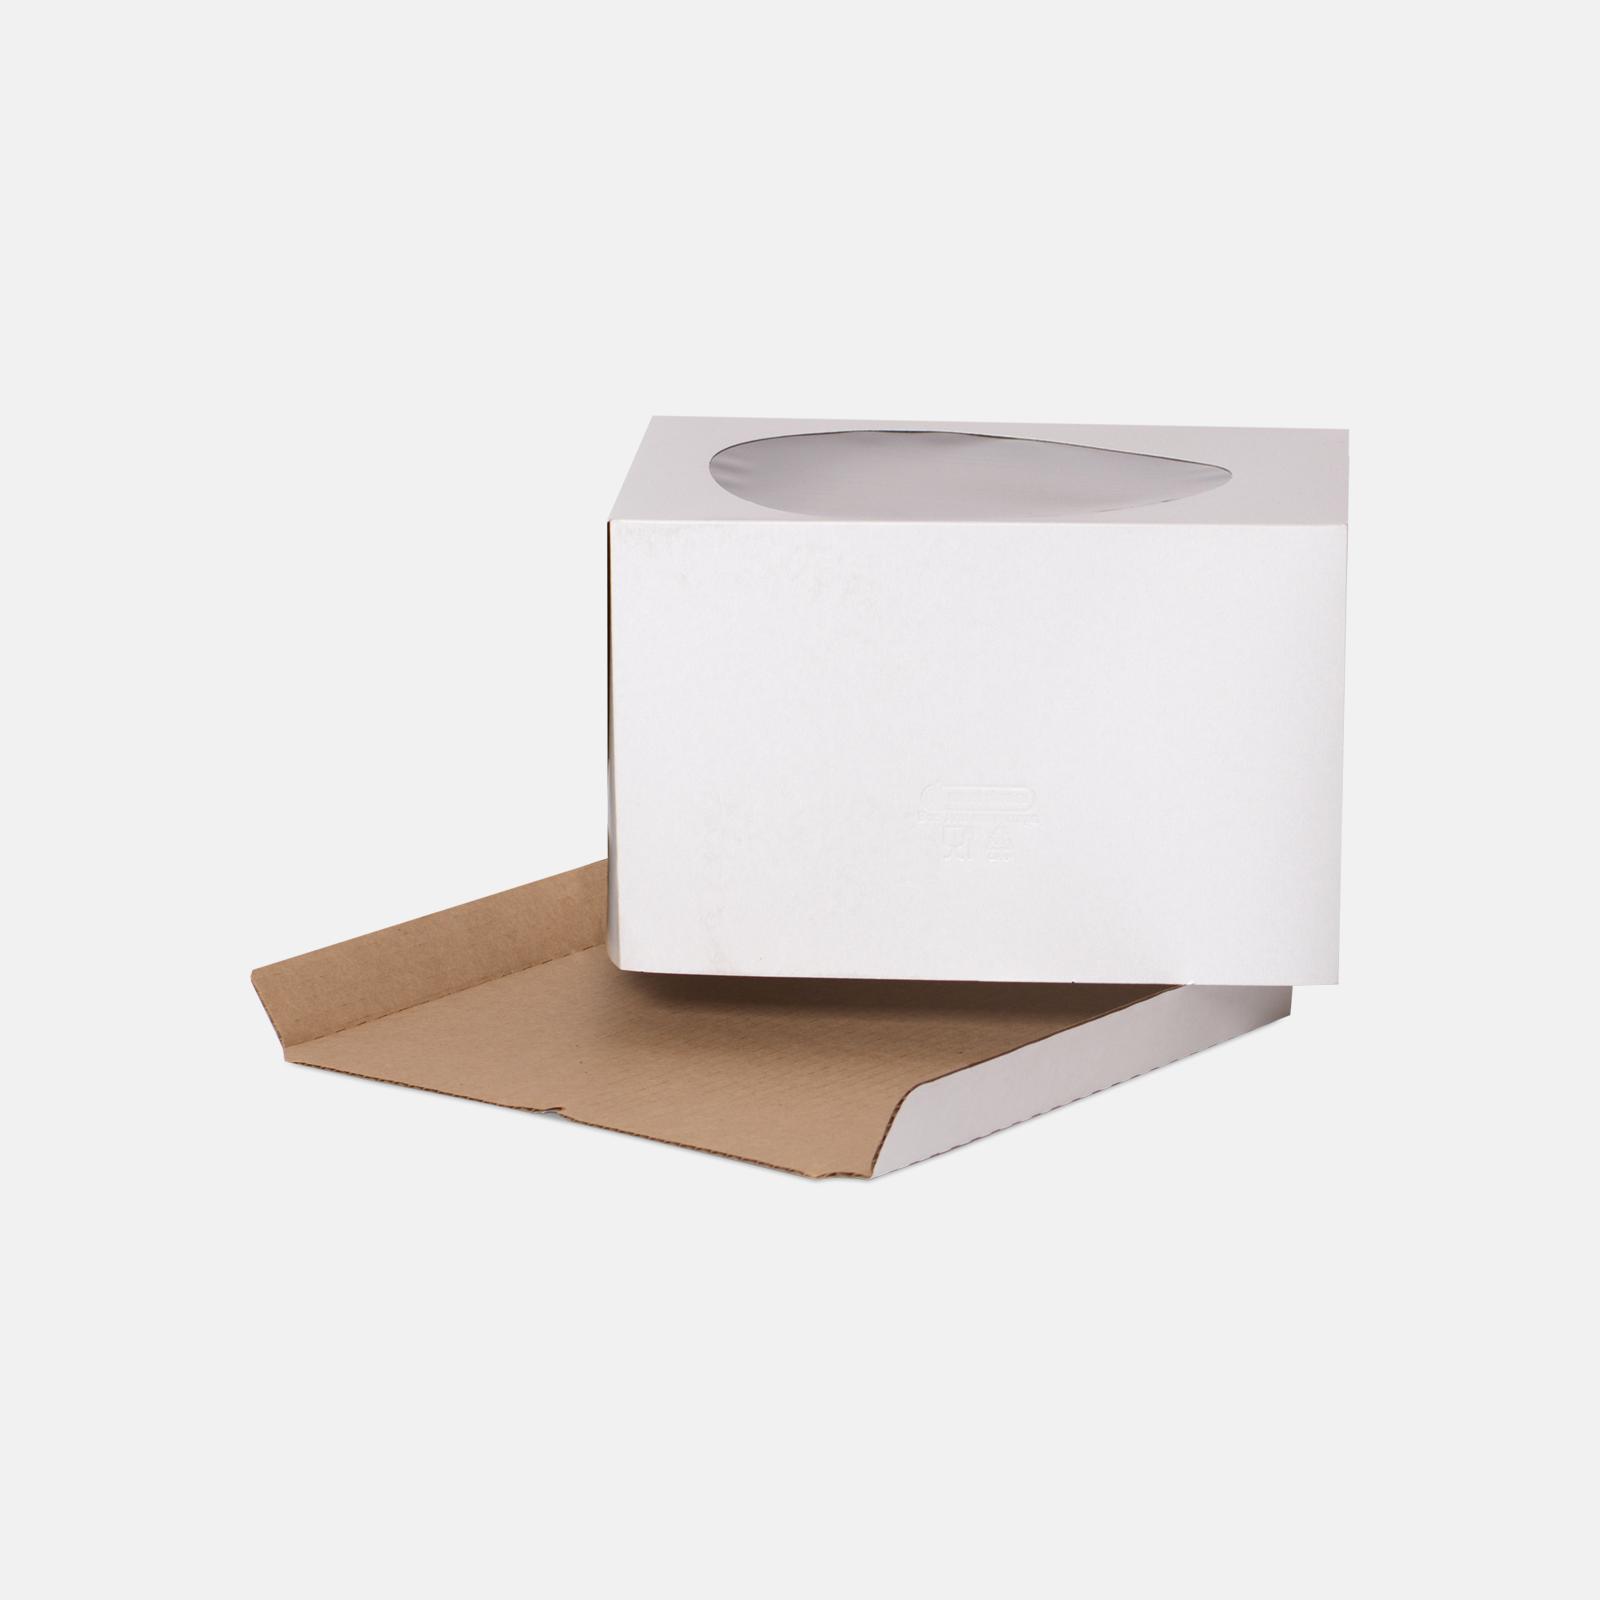 Коробка для торта 300*300*190 мм Хром-эрзац Белый